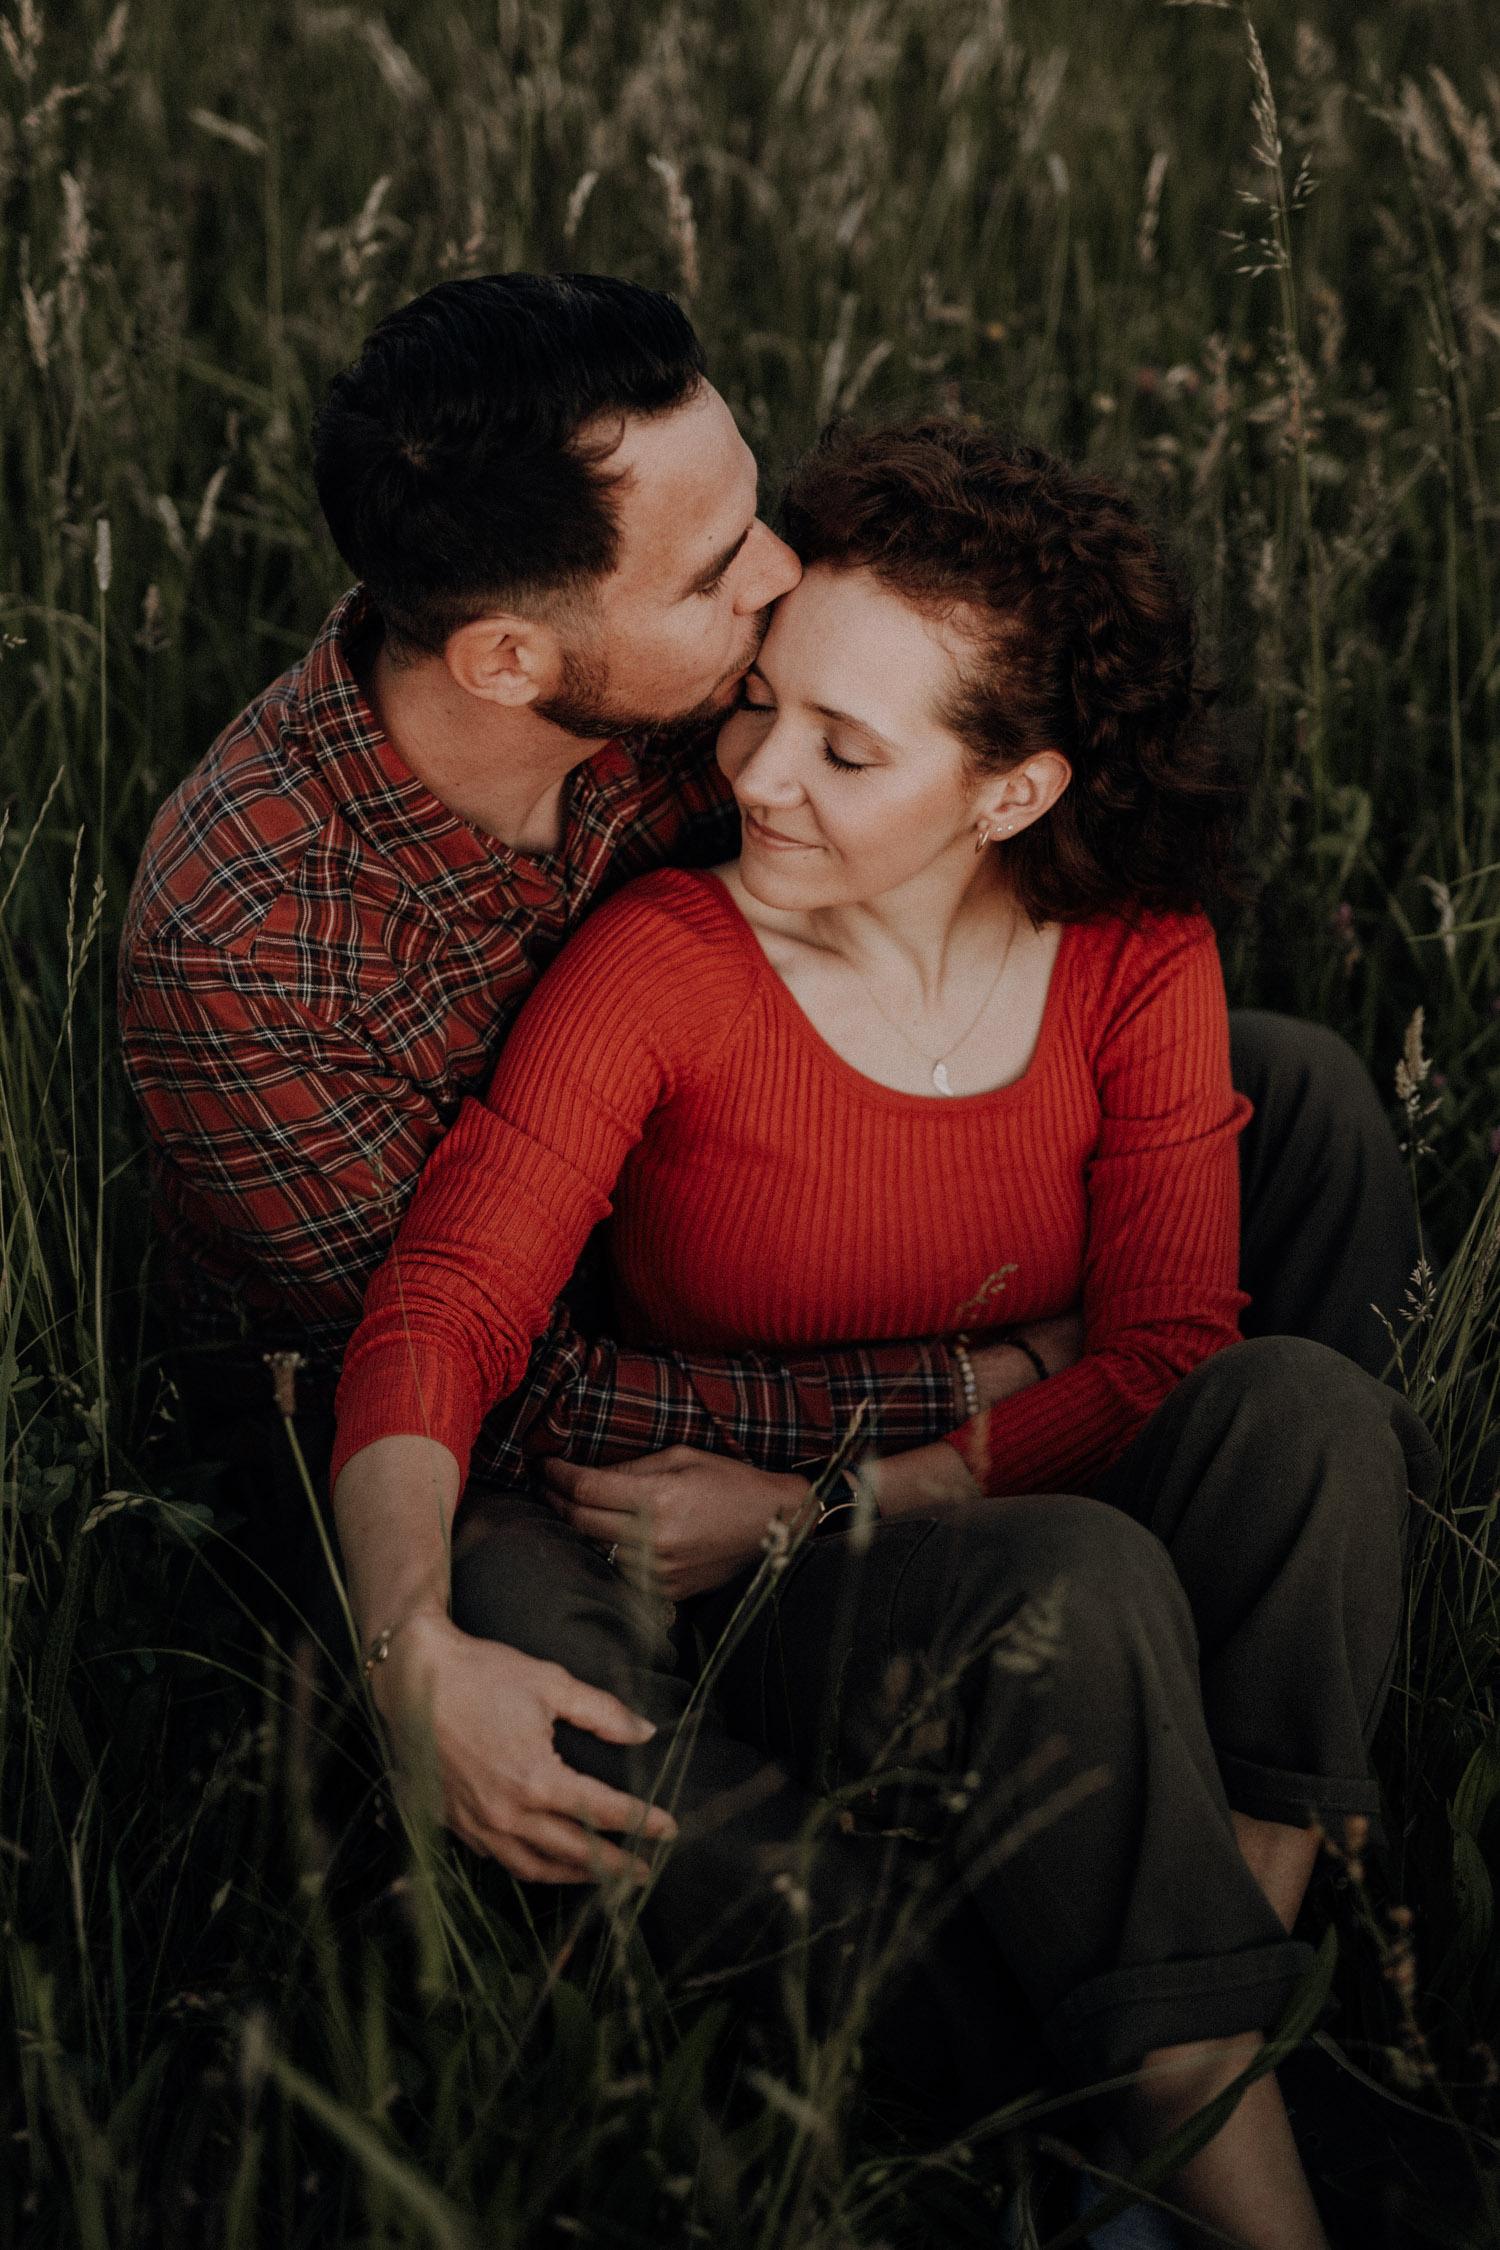 Verlobungsshooting in Bern Paarshooting natürlich ungestellt Schweiz Hochzeitsfotografin authentisch keine Posen Bilder für Einladungskarte Paarfotos